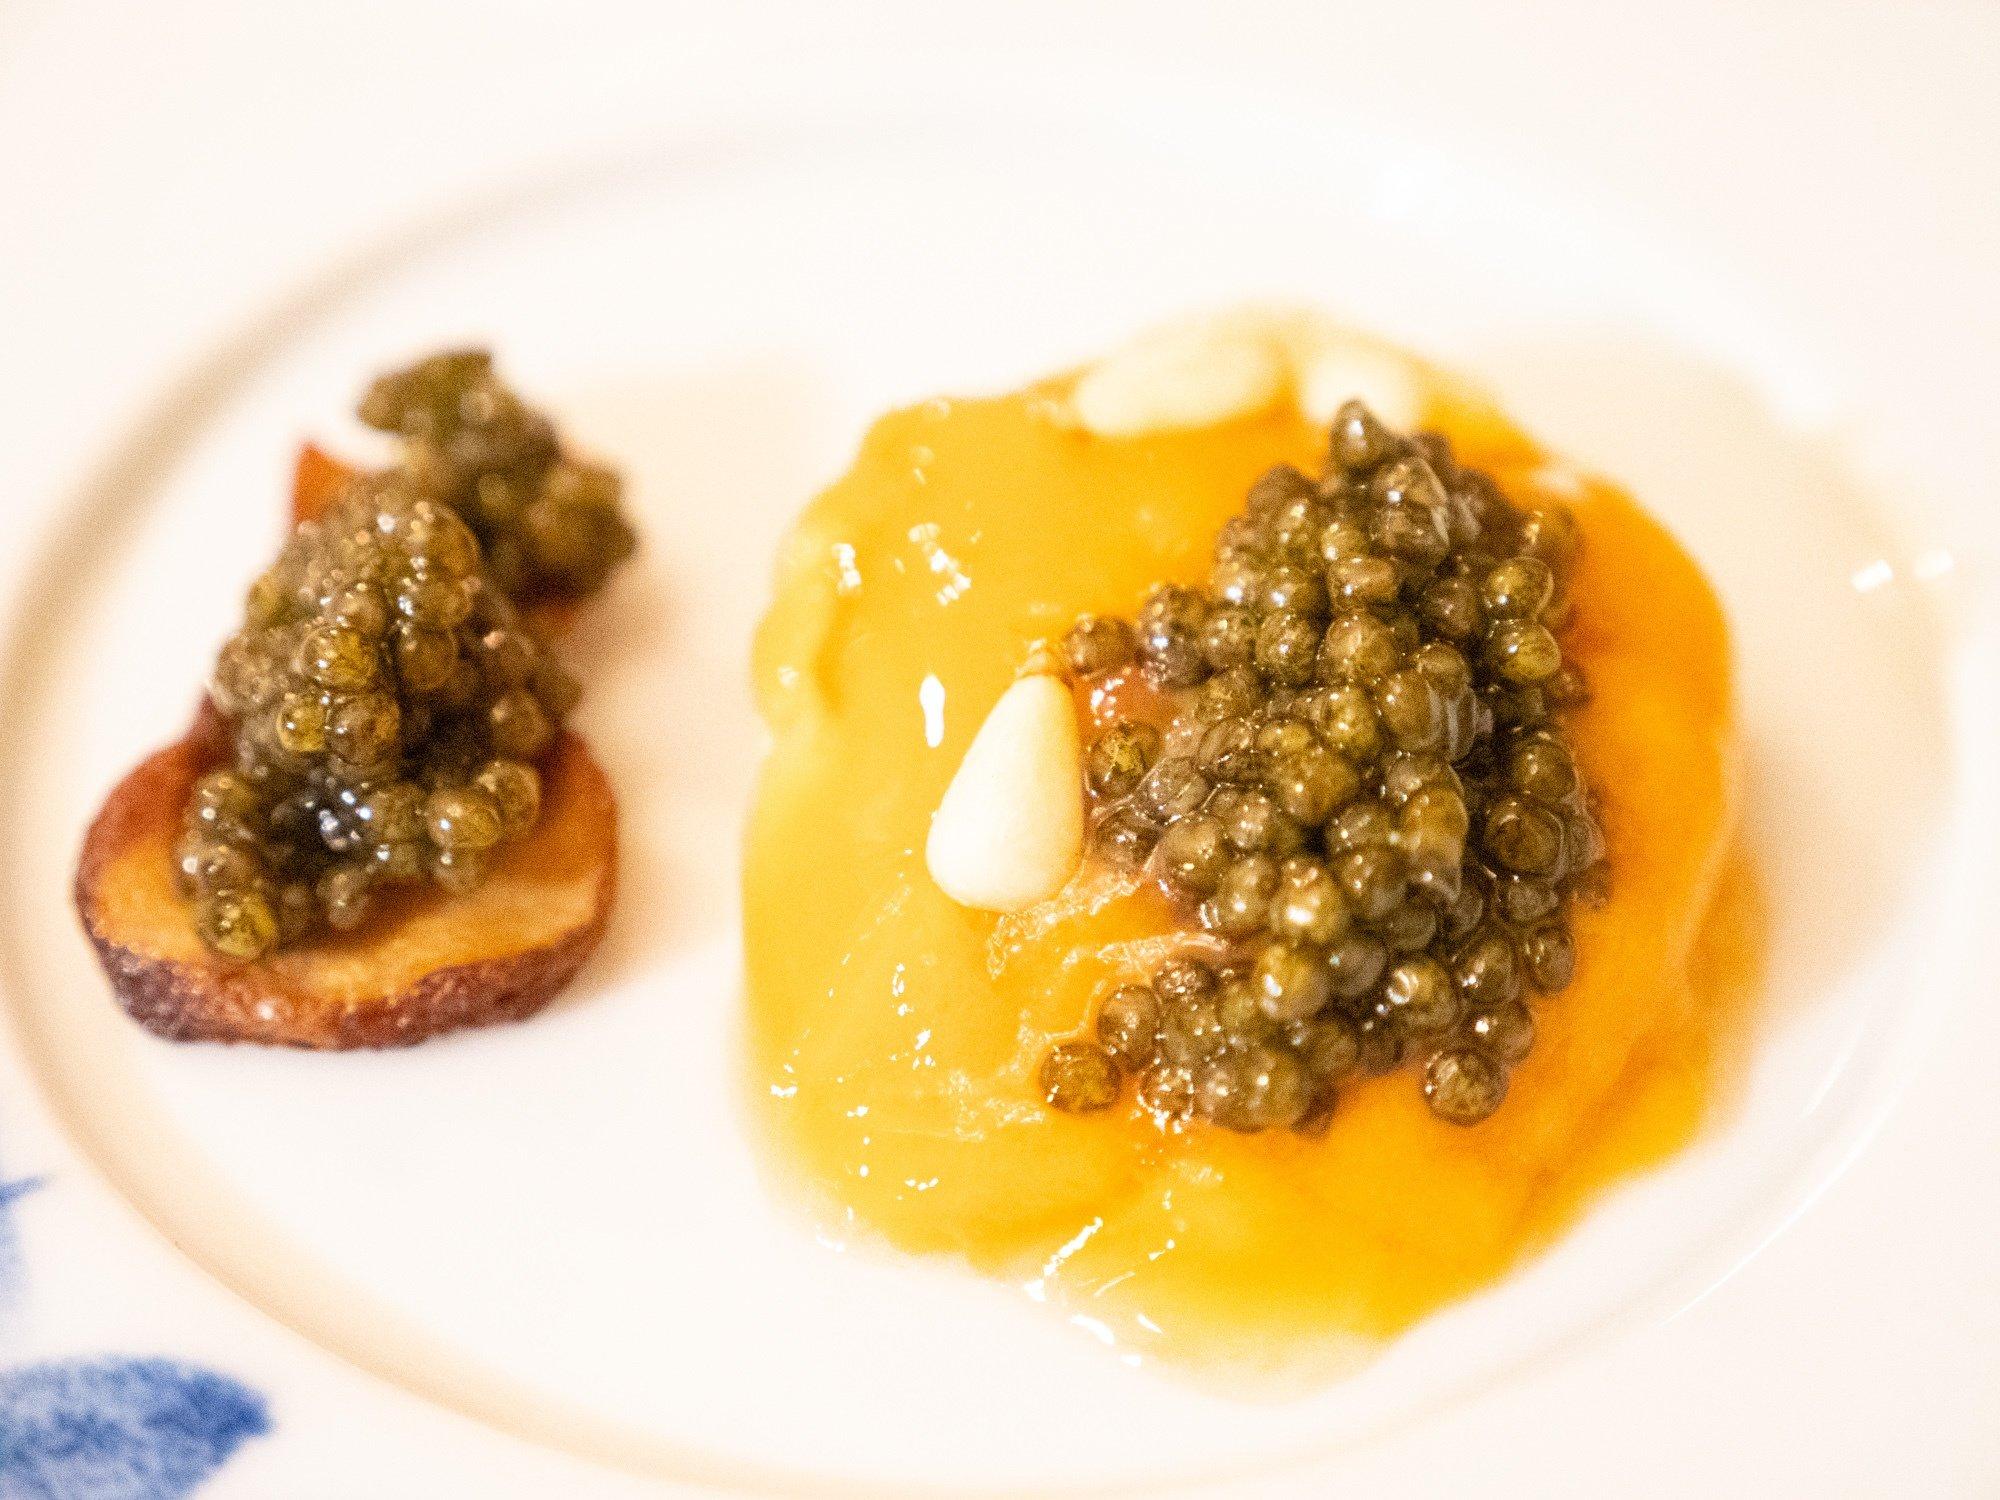 Sichuan Chinese caviar from dujiangyan